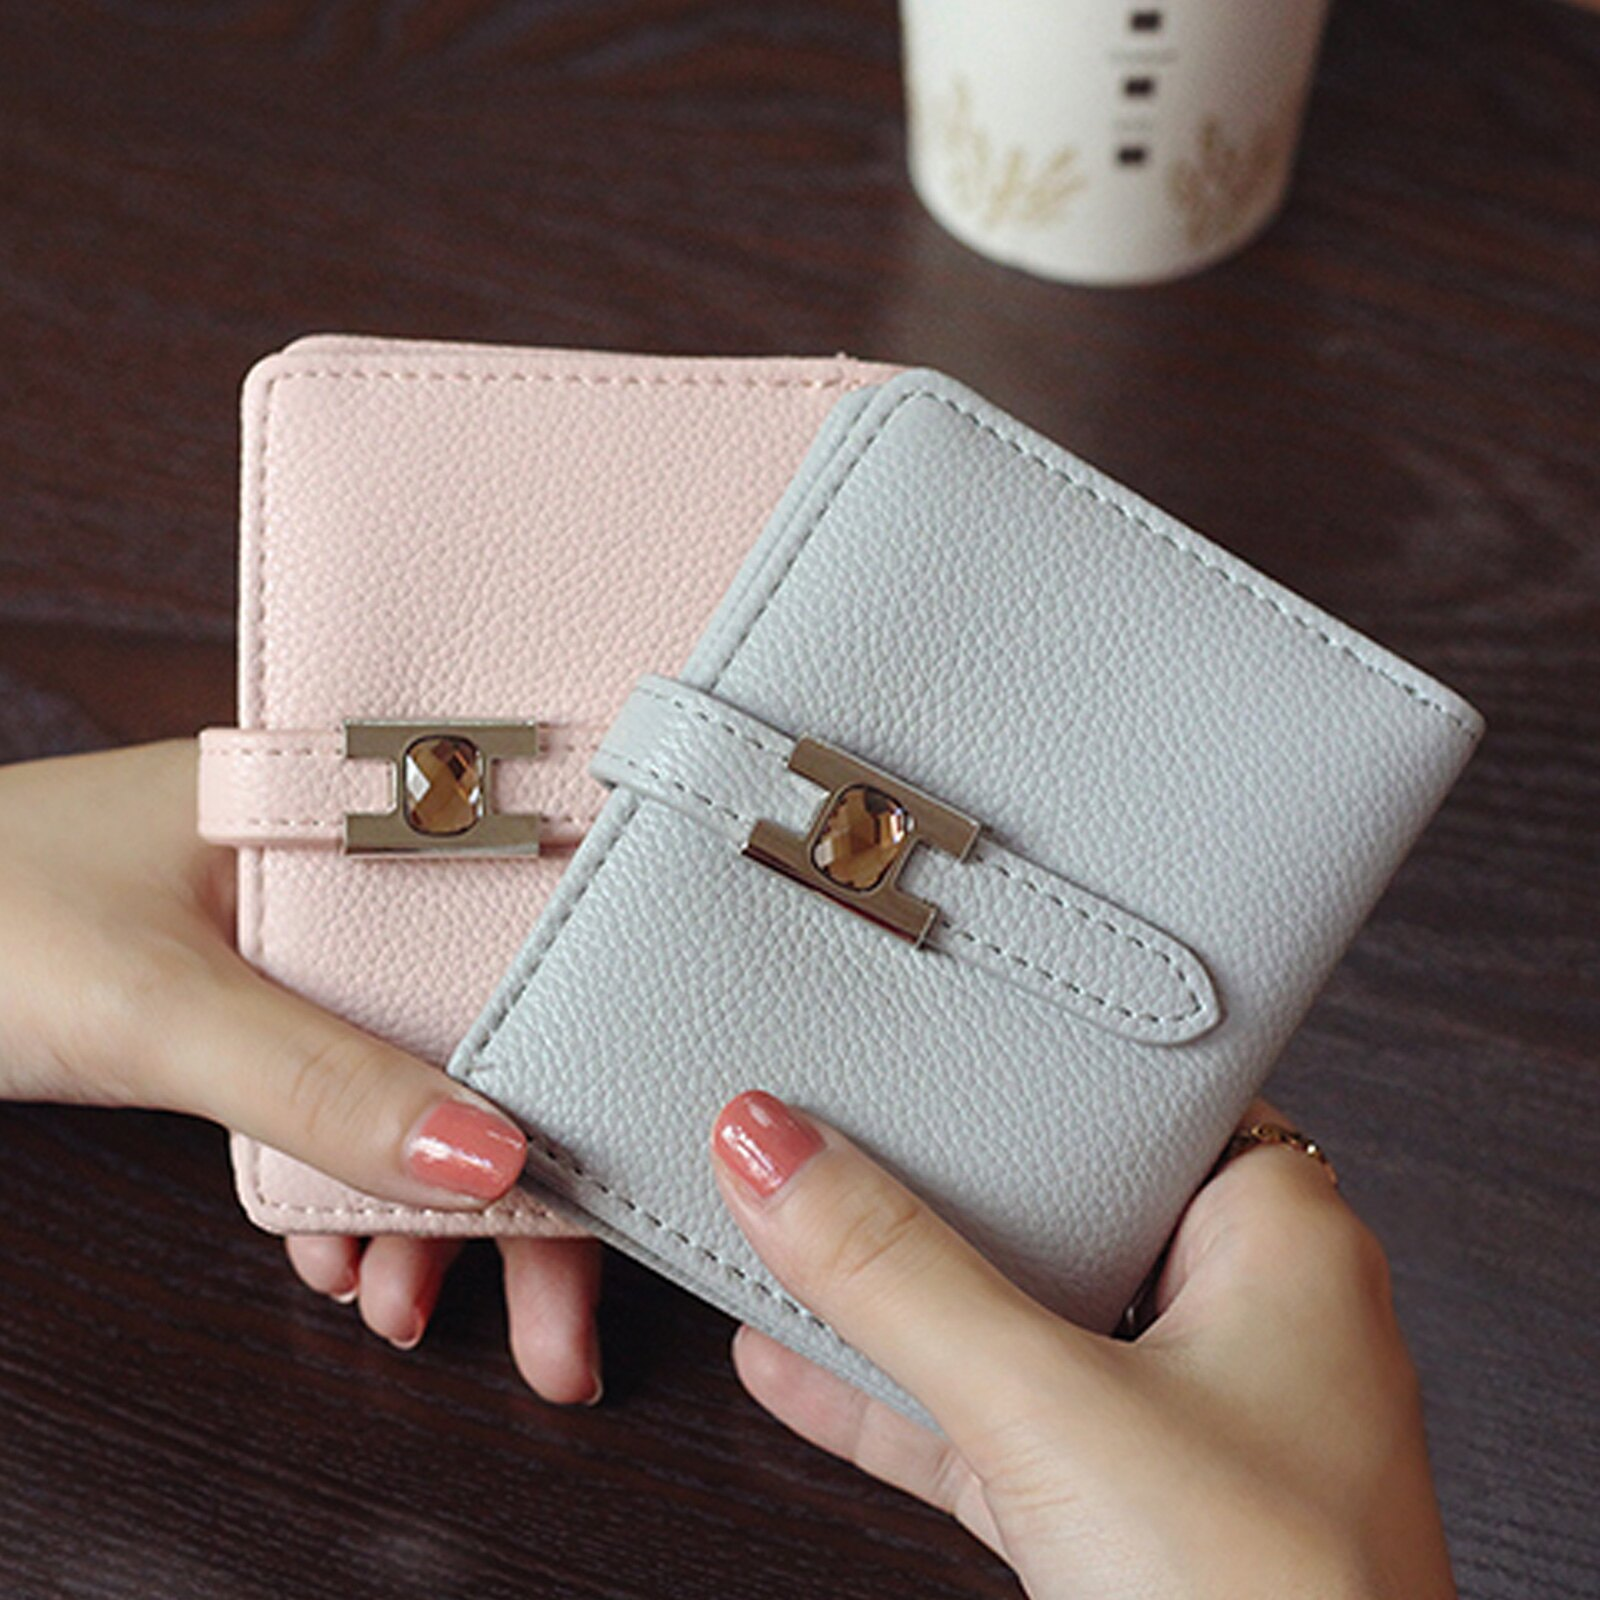 皮夾 錢包 超薄扣式短款錢包短夾【O3219】☆雙兒網☆ 1